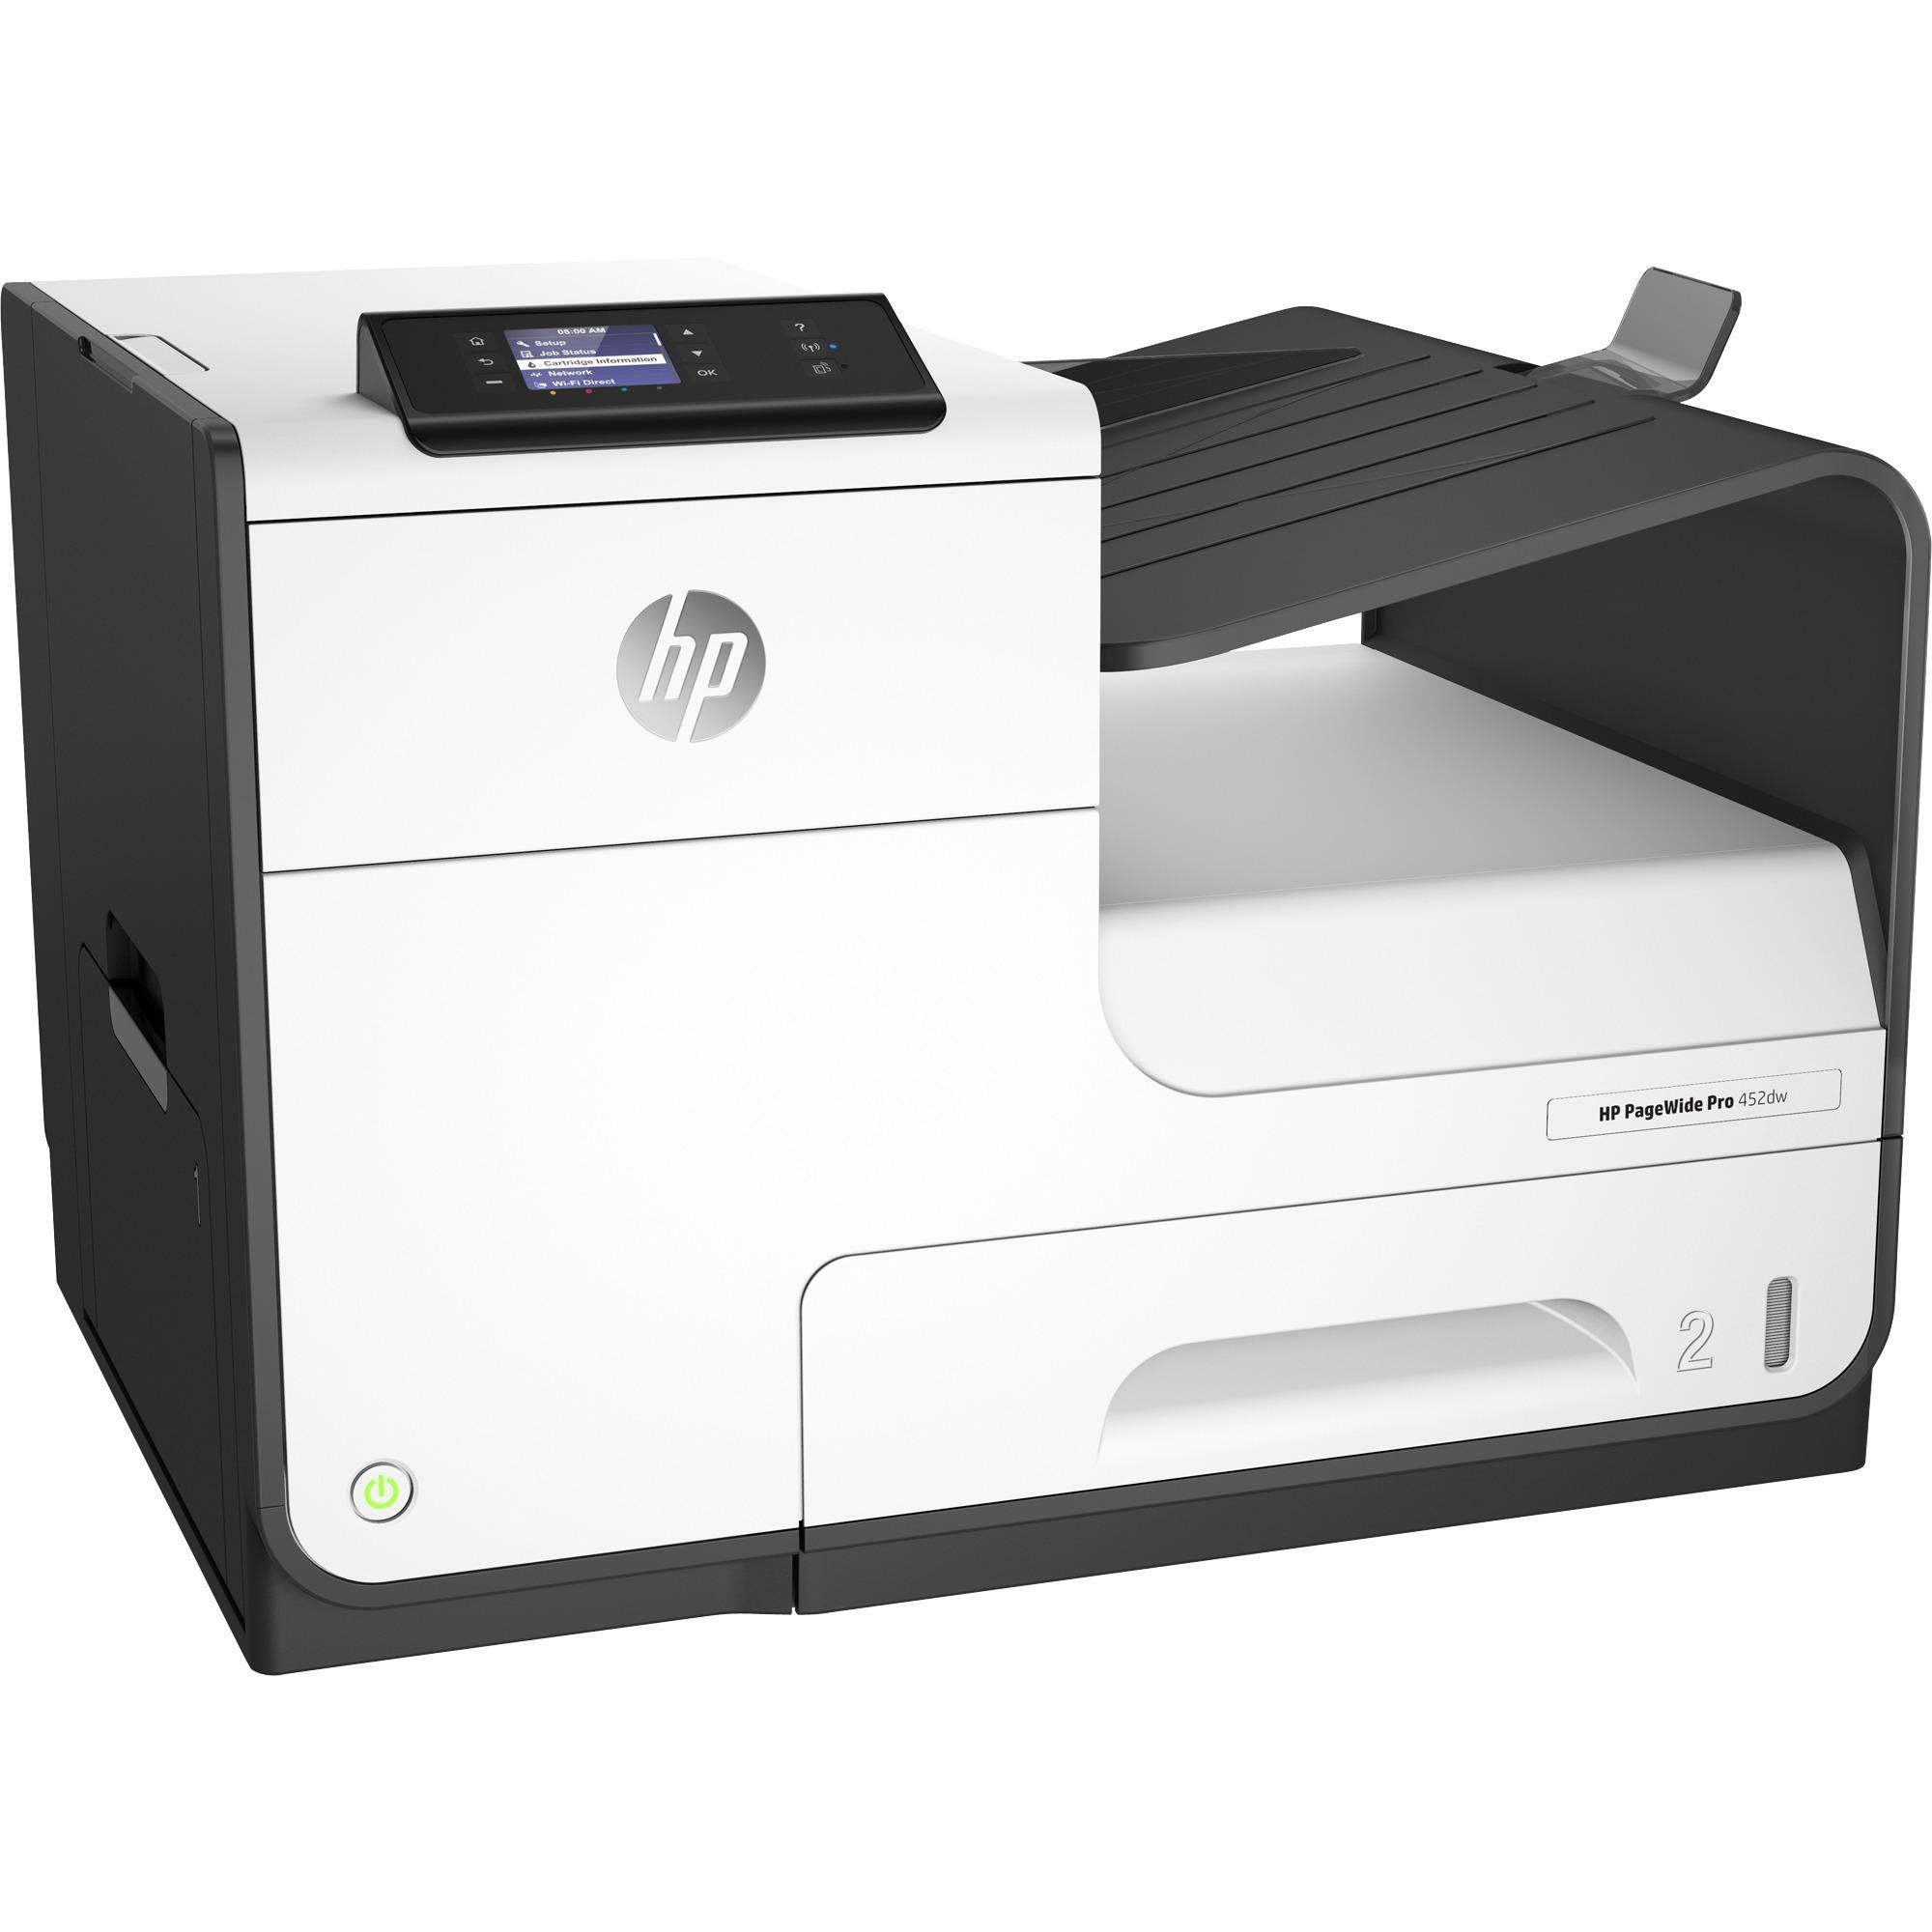 Imprimante PageWide Pro 452dwt et bac, Imprimante jet d'encre